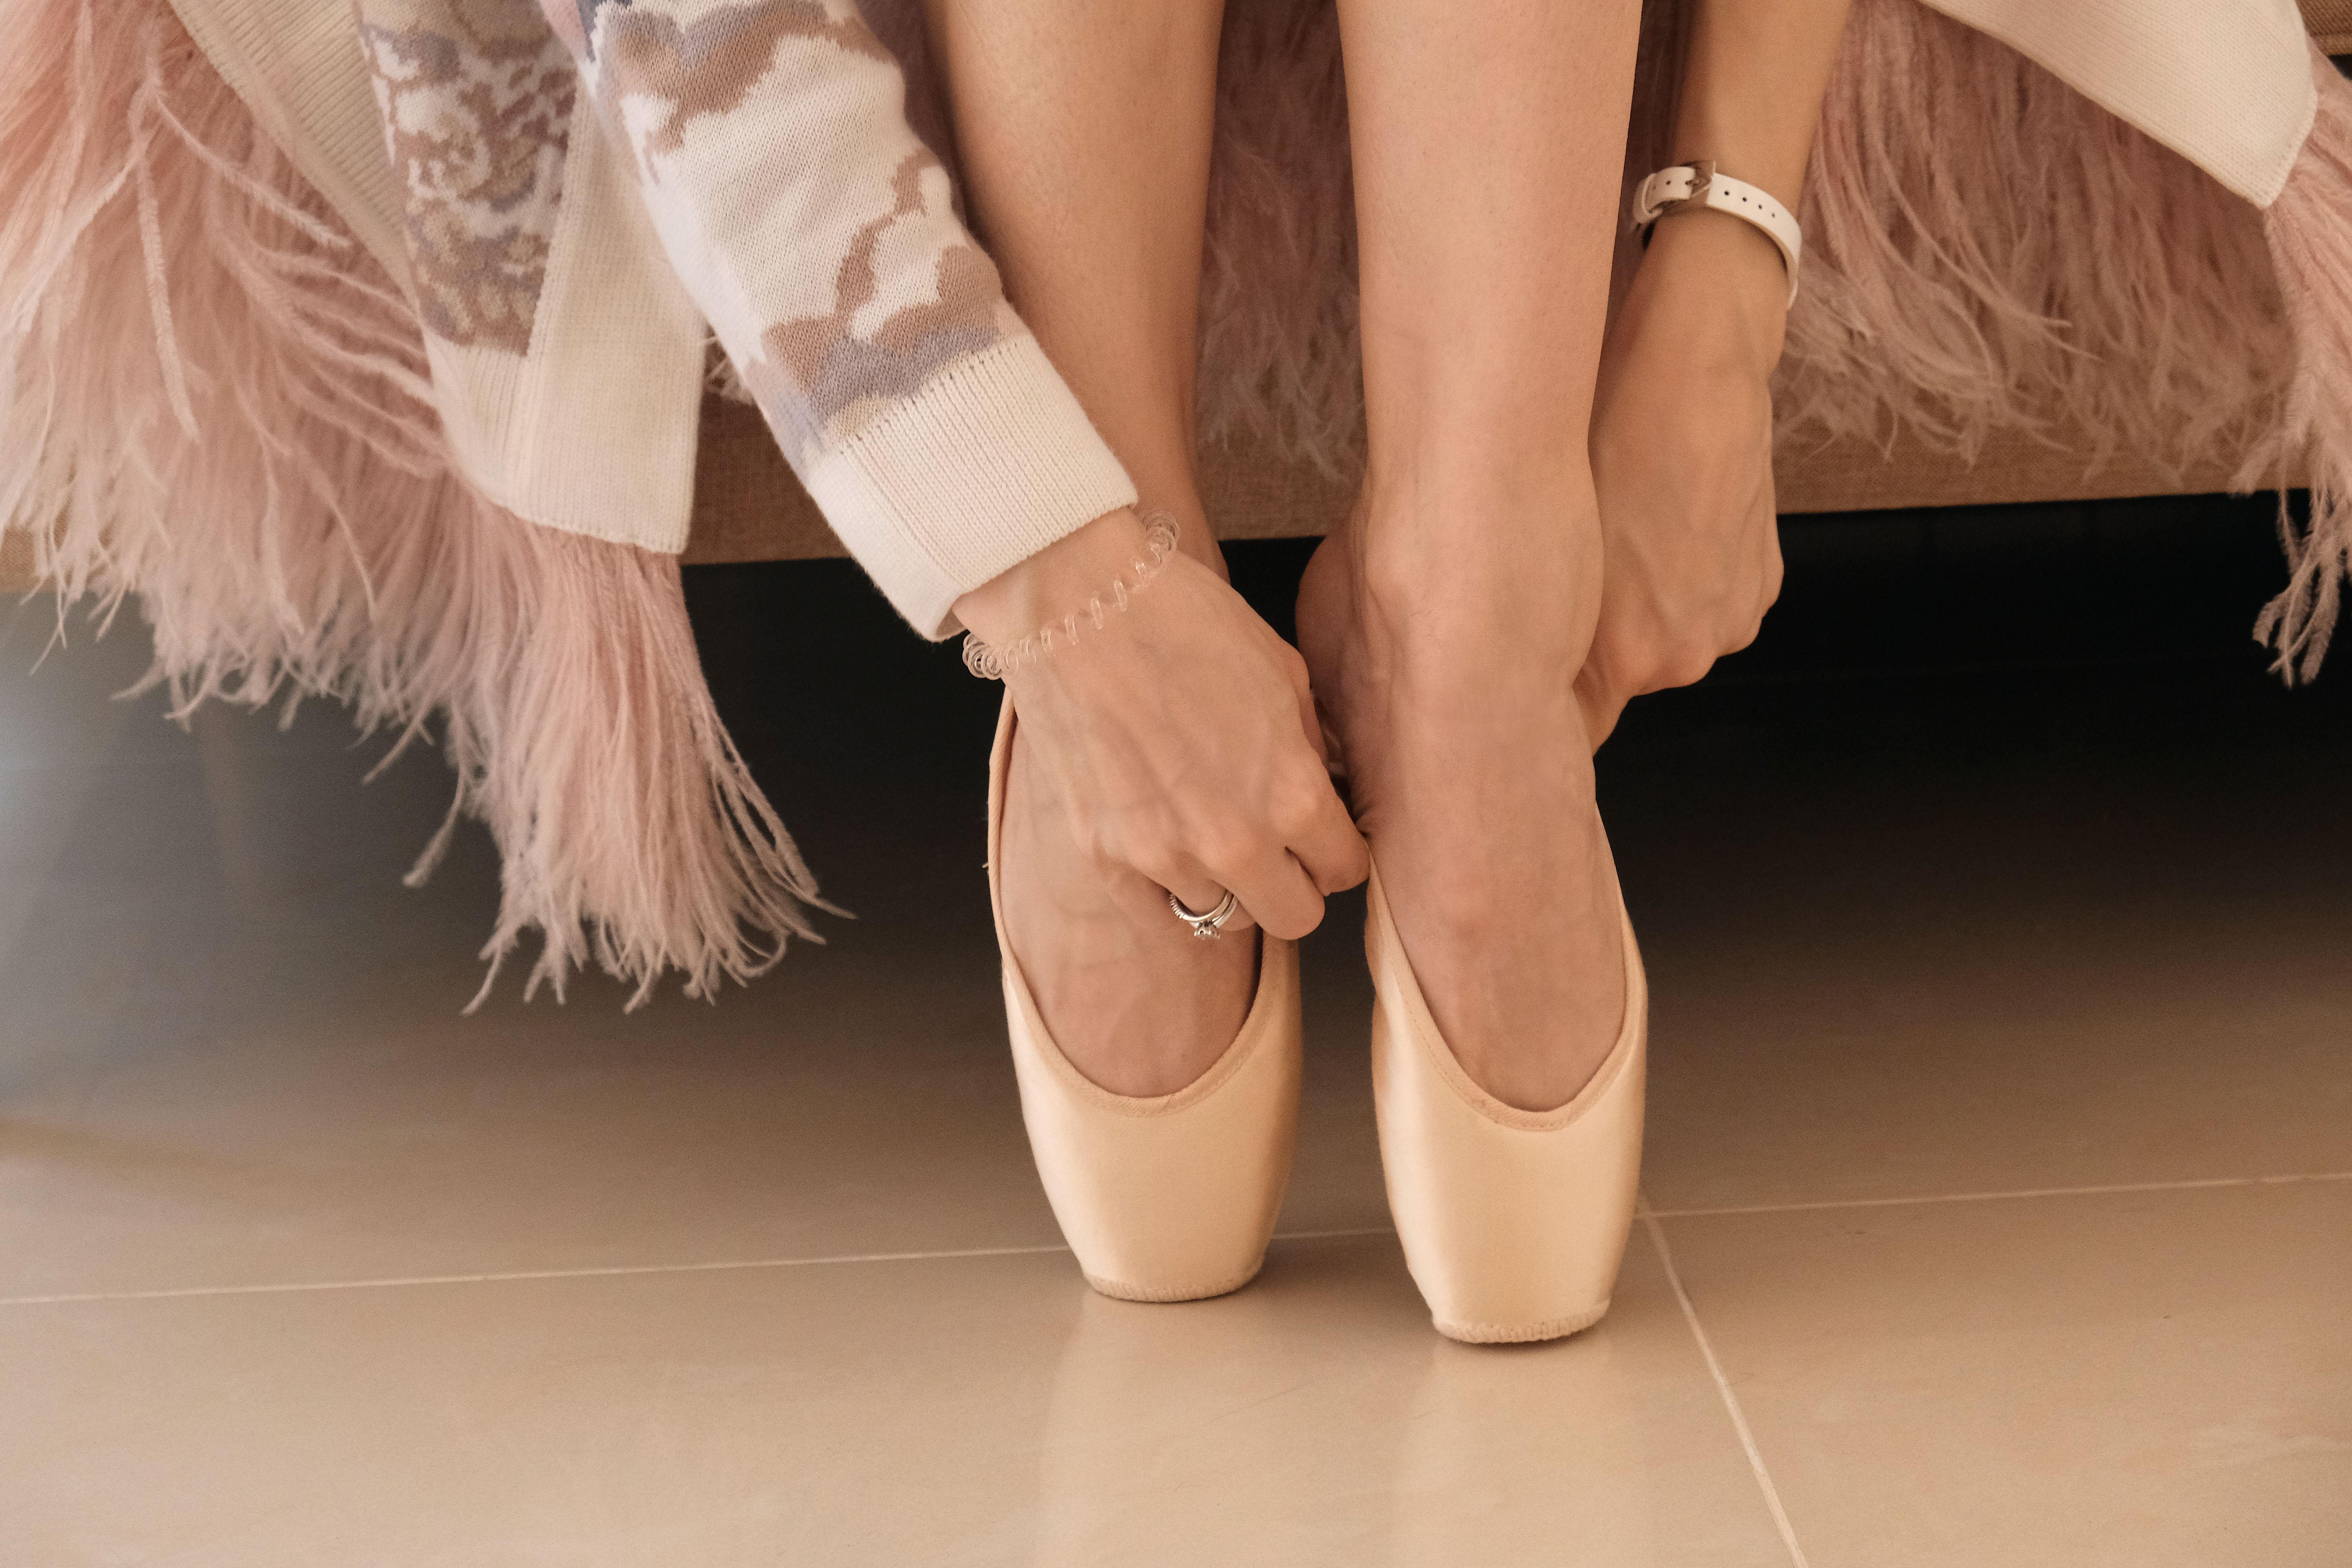 Хип-хоп и балет: танцевальные мастер-классы проведут в ЗИЛе